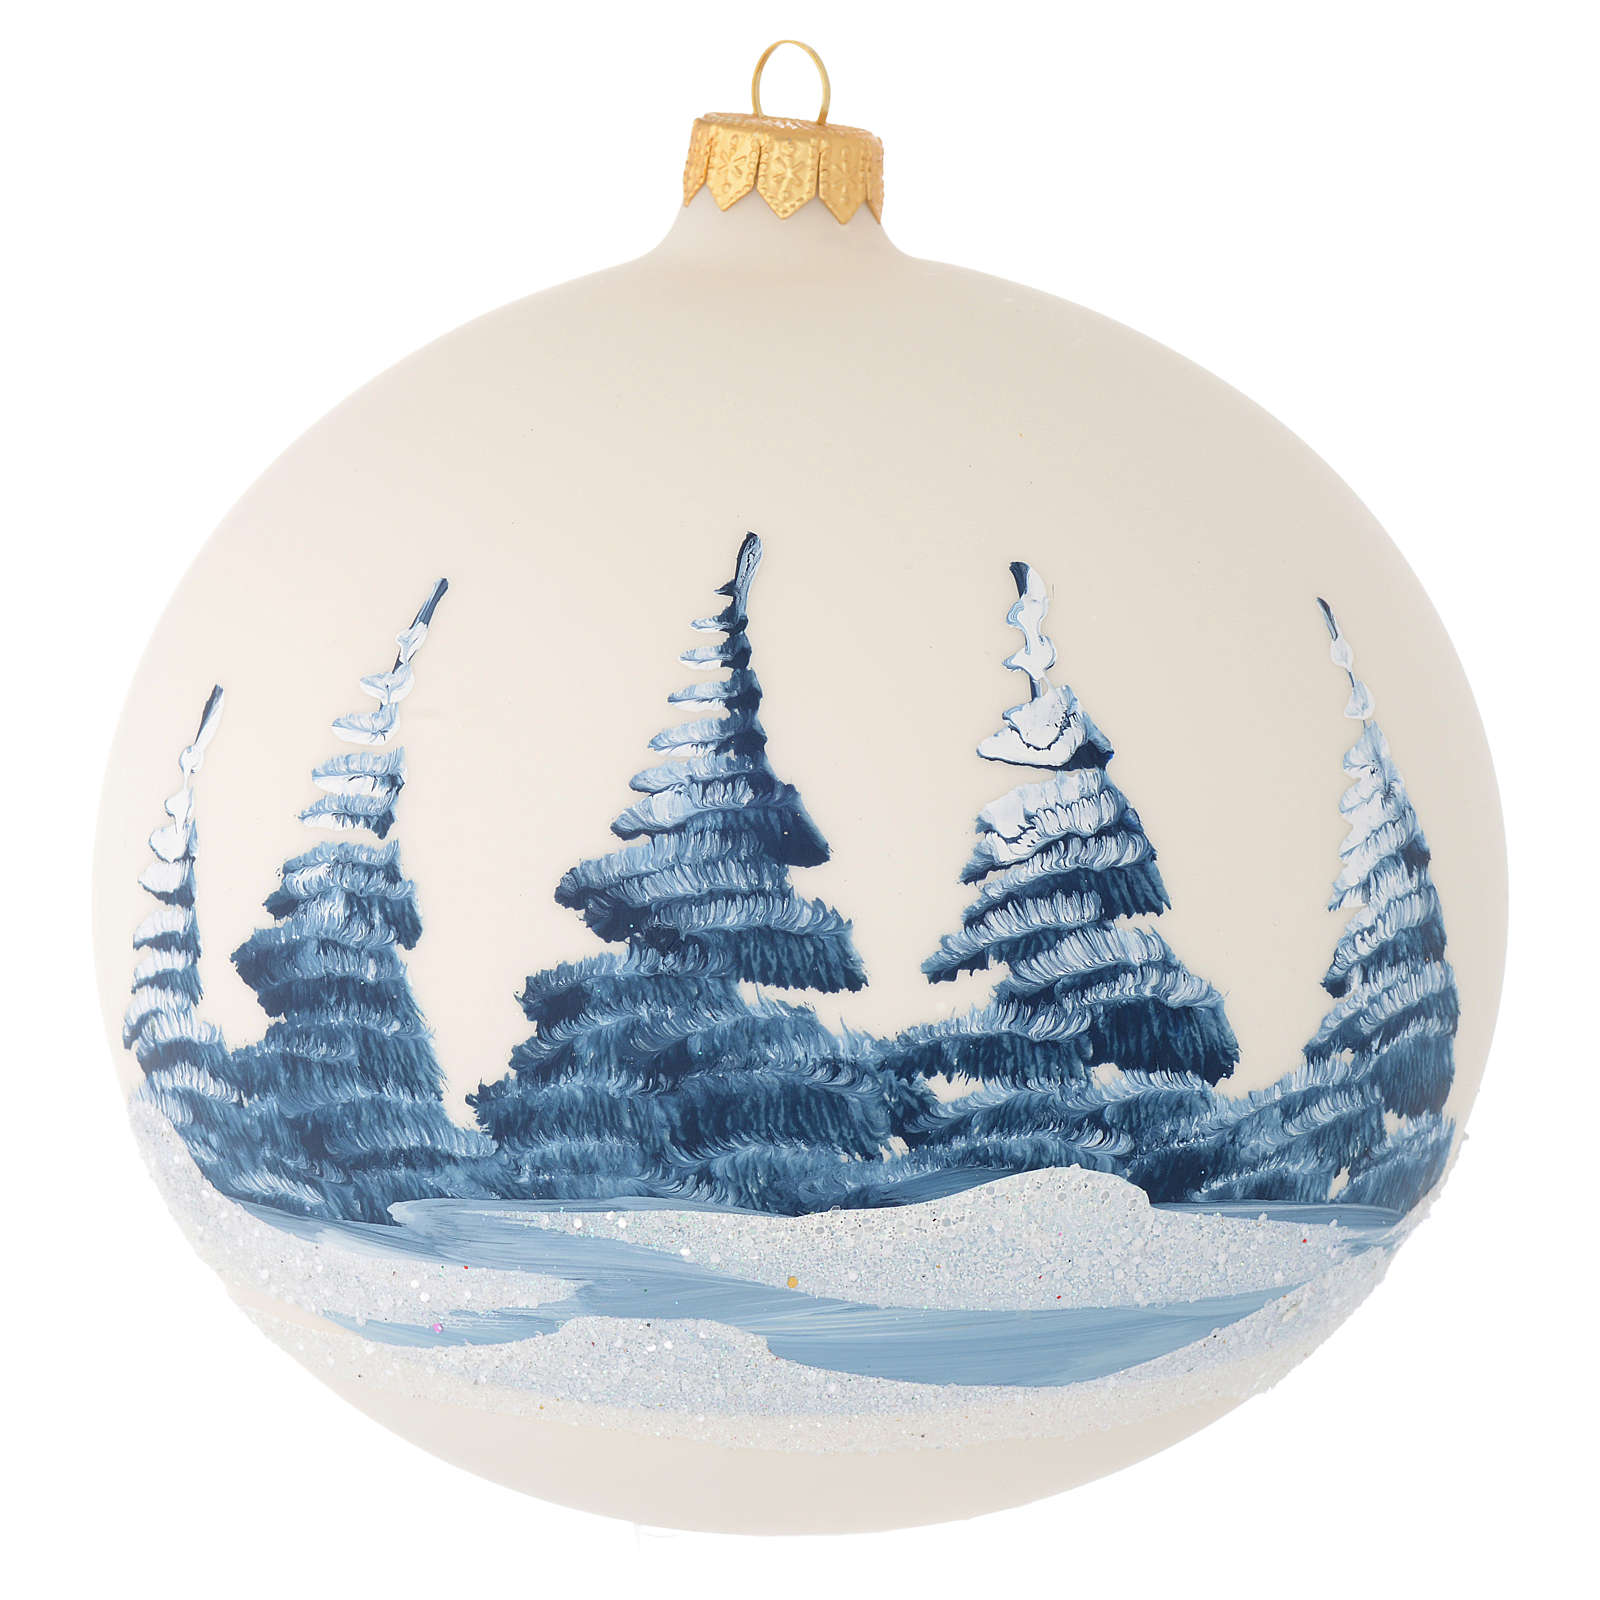 Bola de Navidad vidrio soplado blanco crema paisaje 150 mm 4